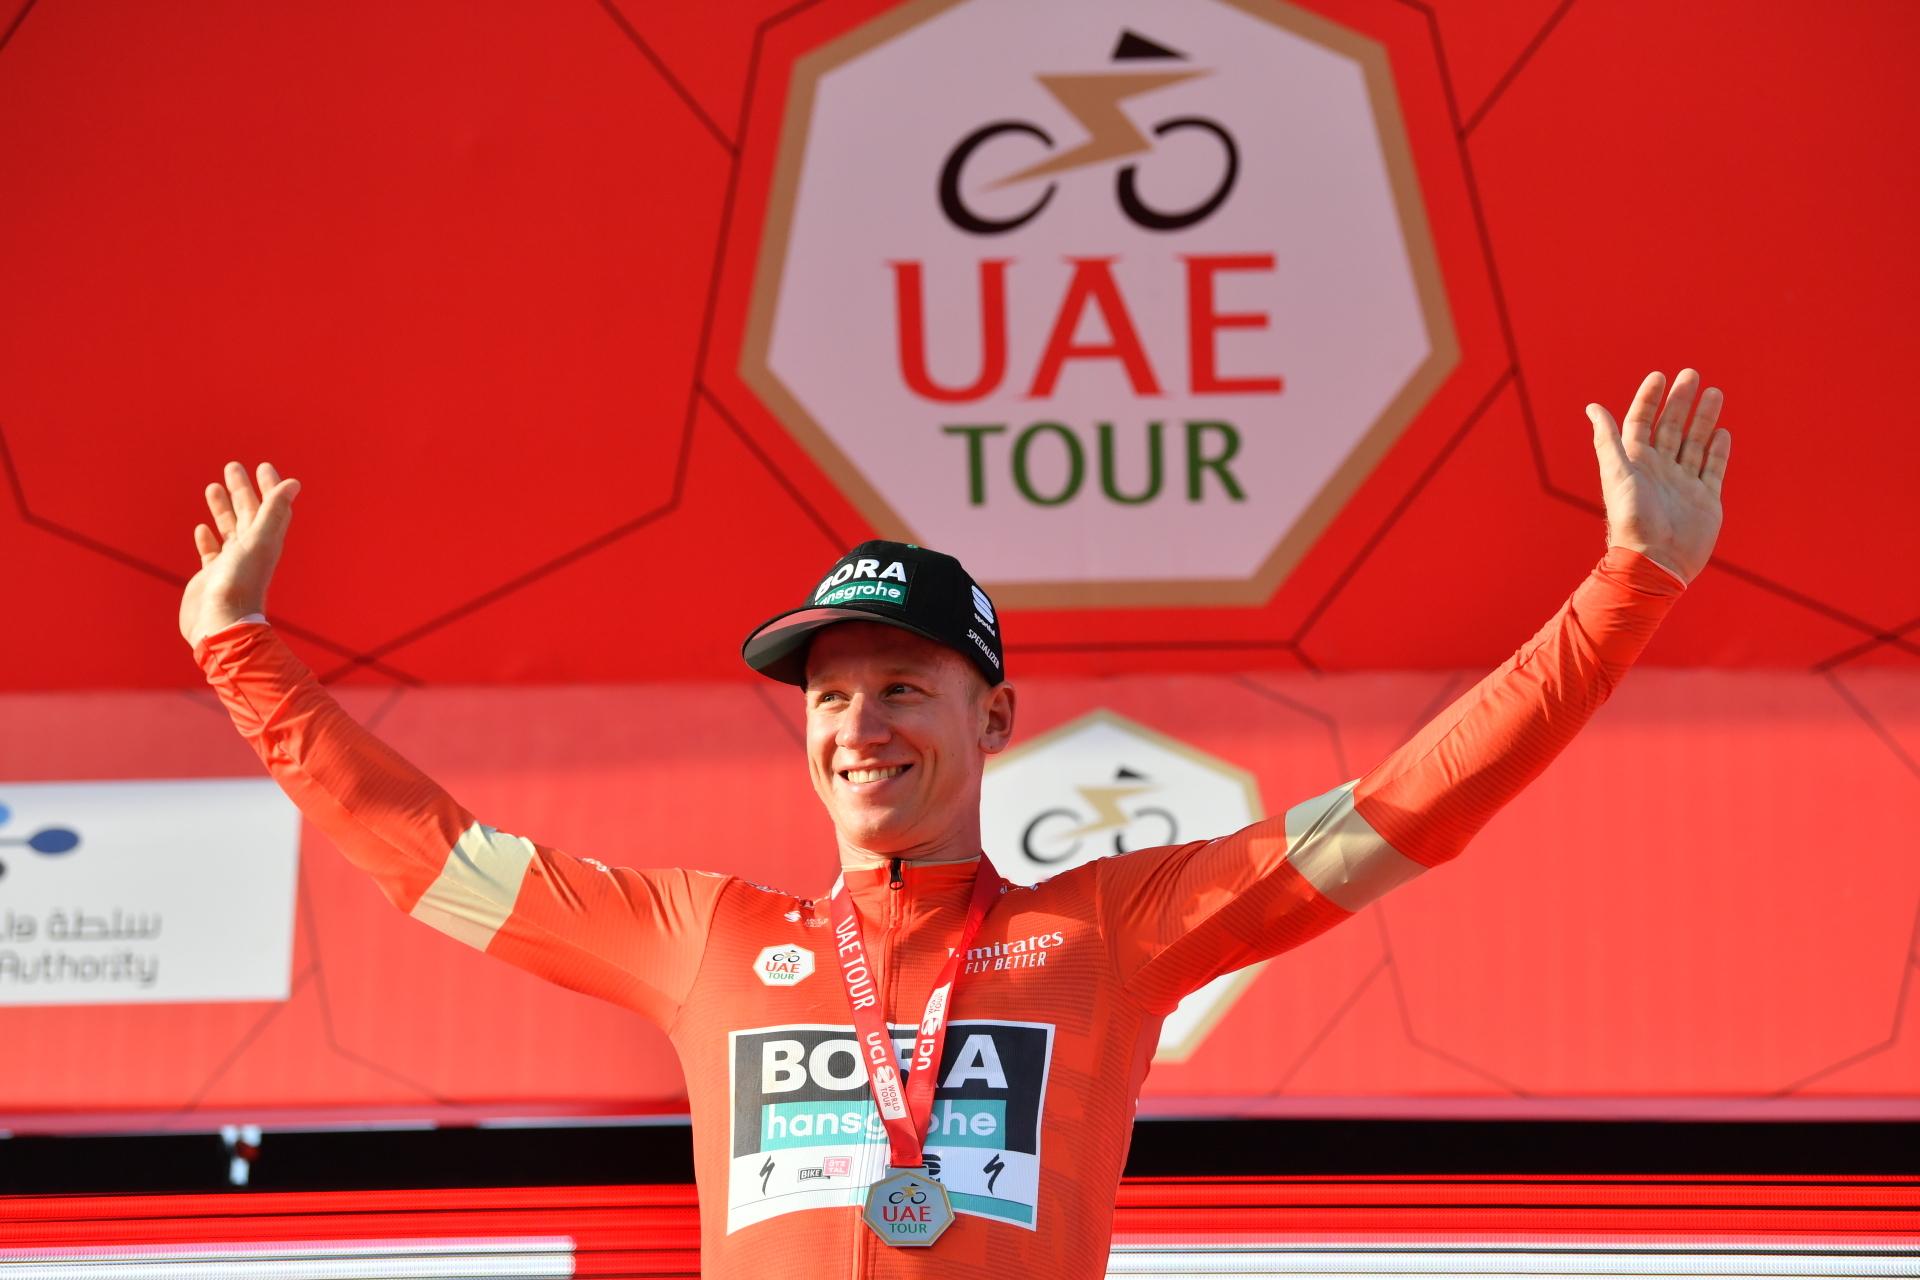 Tysk sejr på 1. etape af UAE Tour